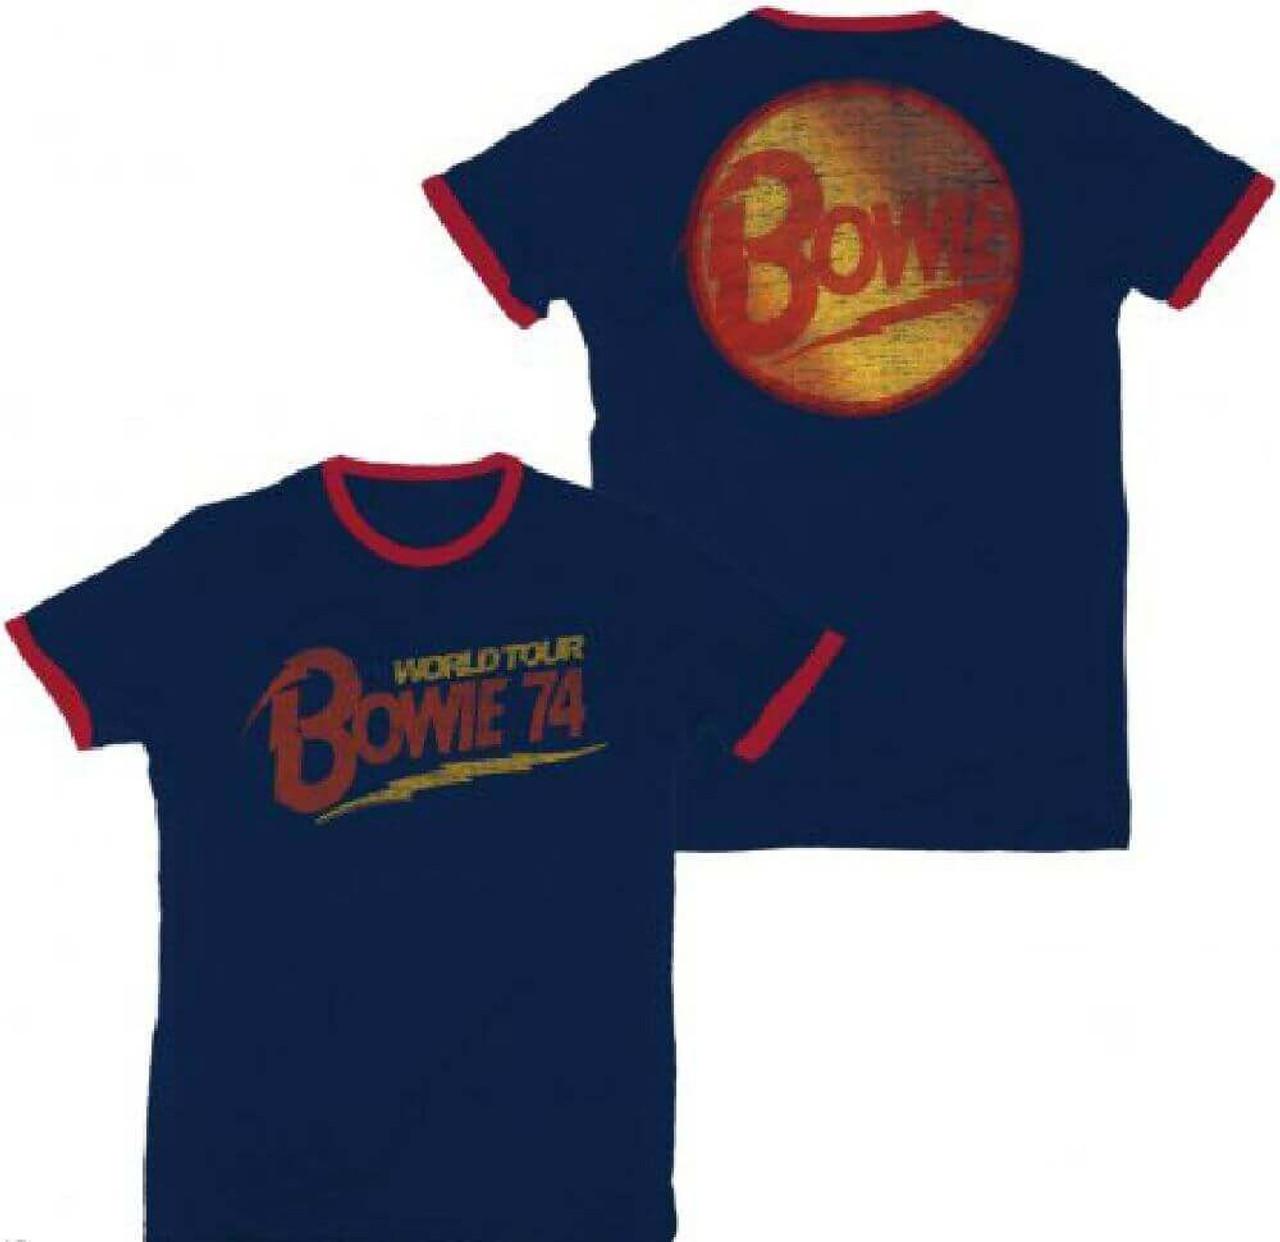 eae0c556f5 David Bowie World Tour 1974 Men S Blue Vintage Concert T Shirt